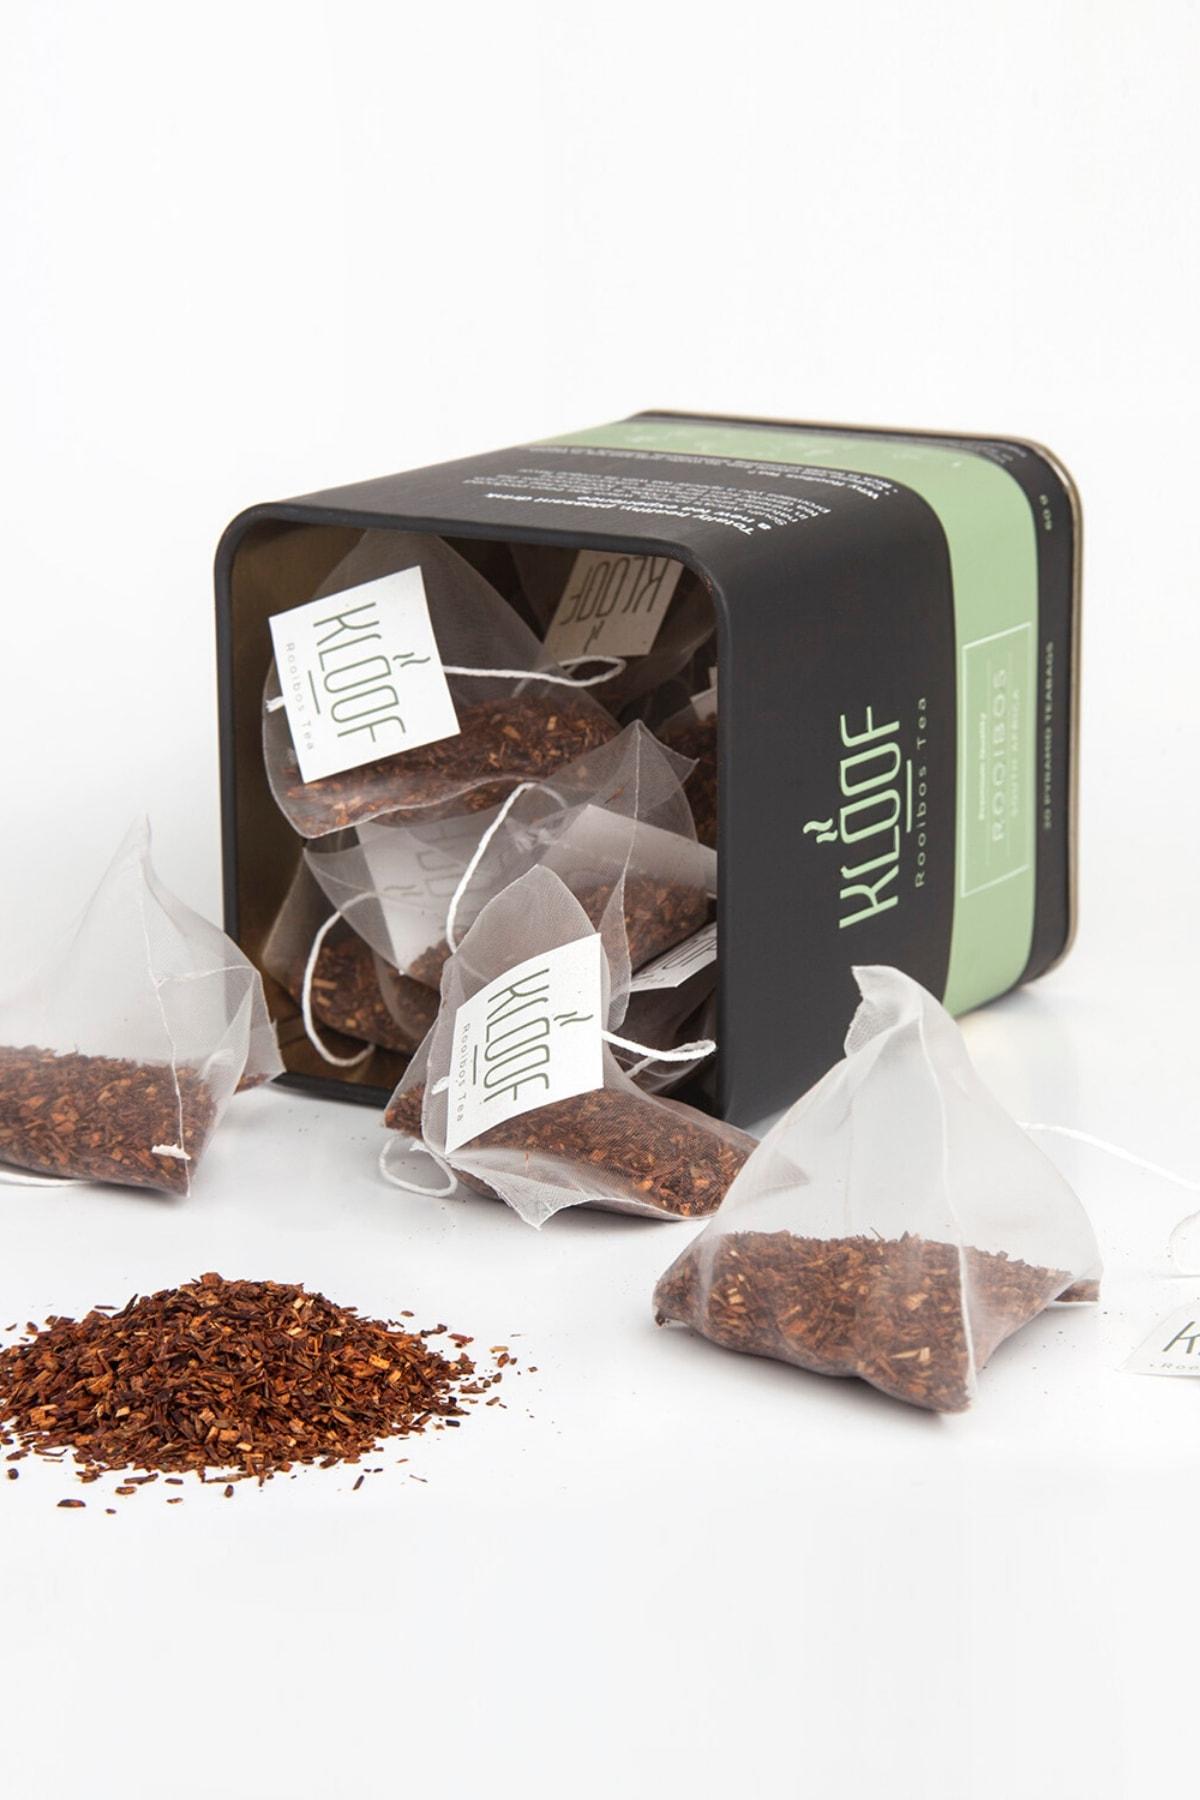 KLOOF Rooibos Tea Kafeinsiz, Bağışıklık Sistemini Güçlendiren Roybos Çayı 20'lipiramit Poşet 60gr 2